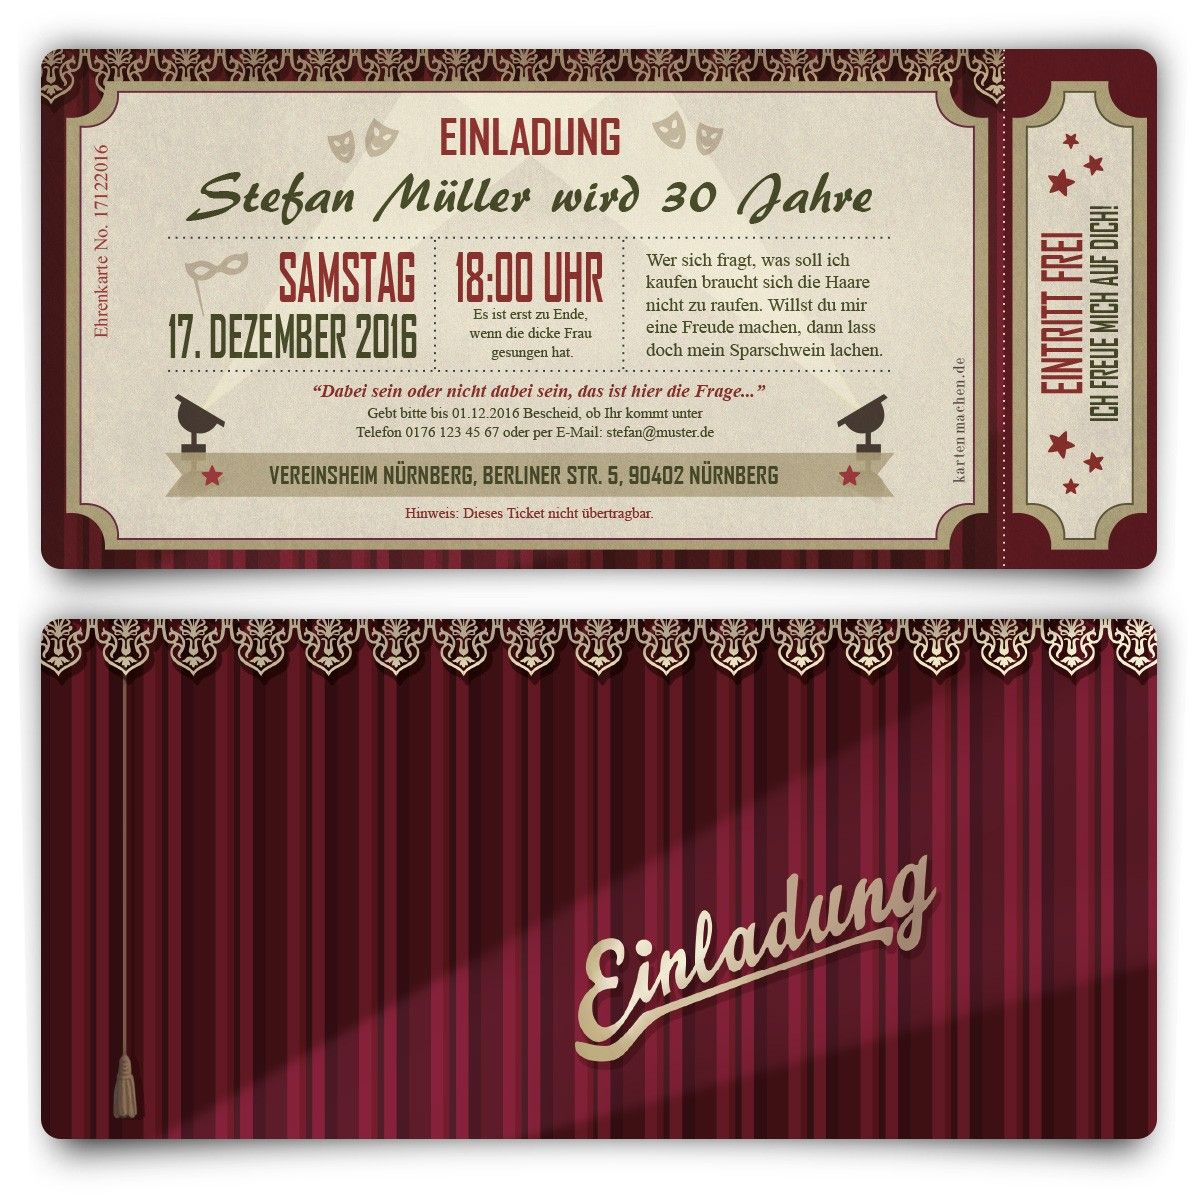 einladungen - theaterkarten #geburtstag #einladung, Einladung